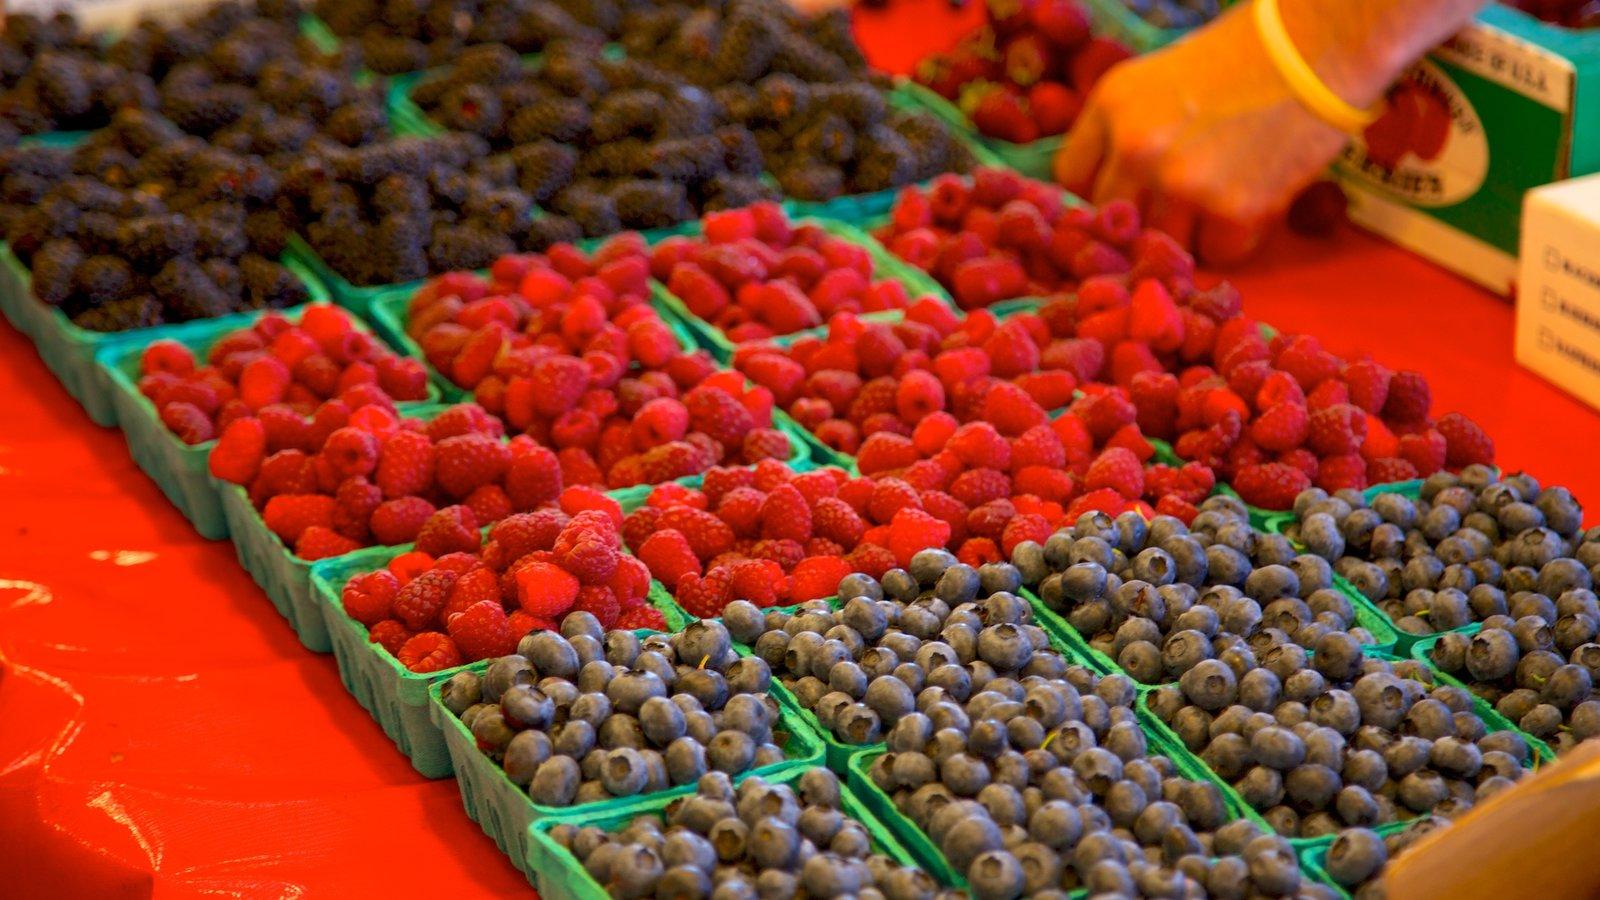 Pike Place Market que incluye comida, mercados y vistas interiores